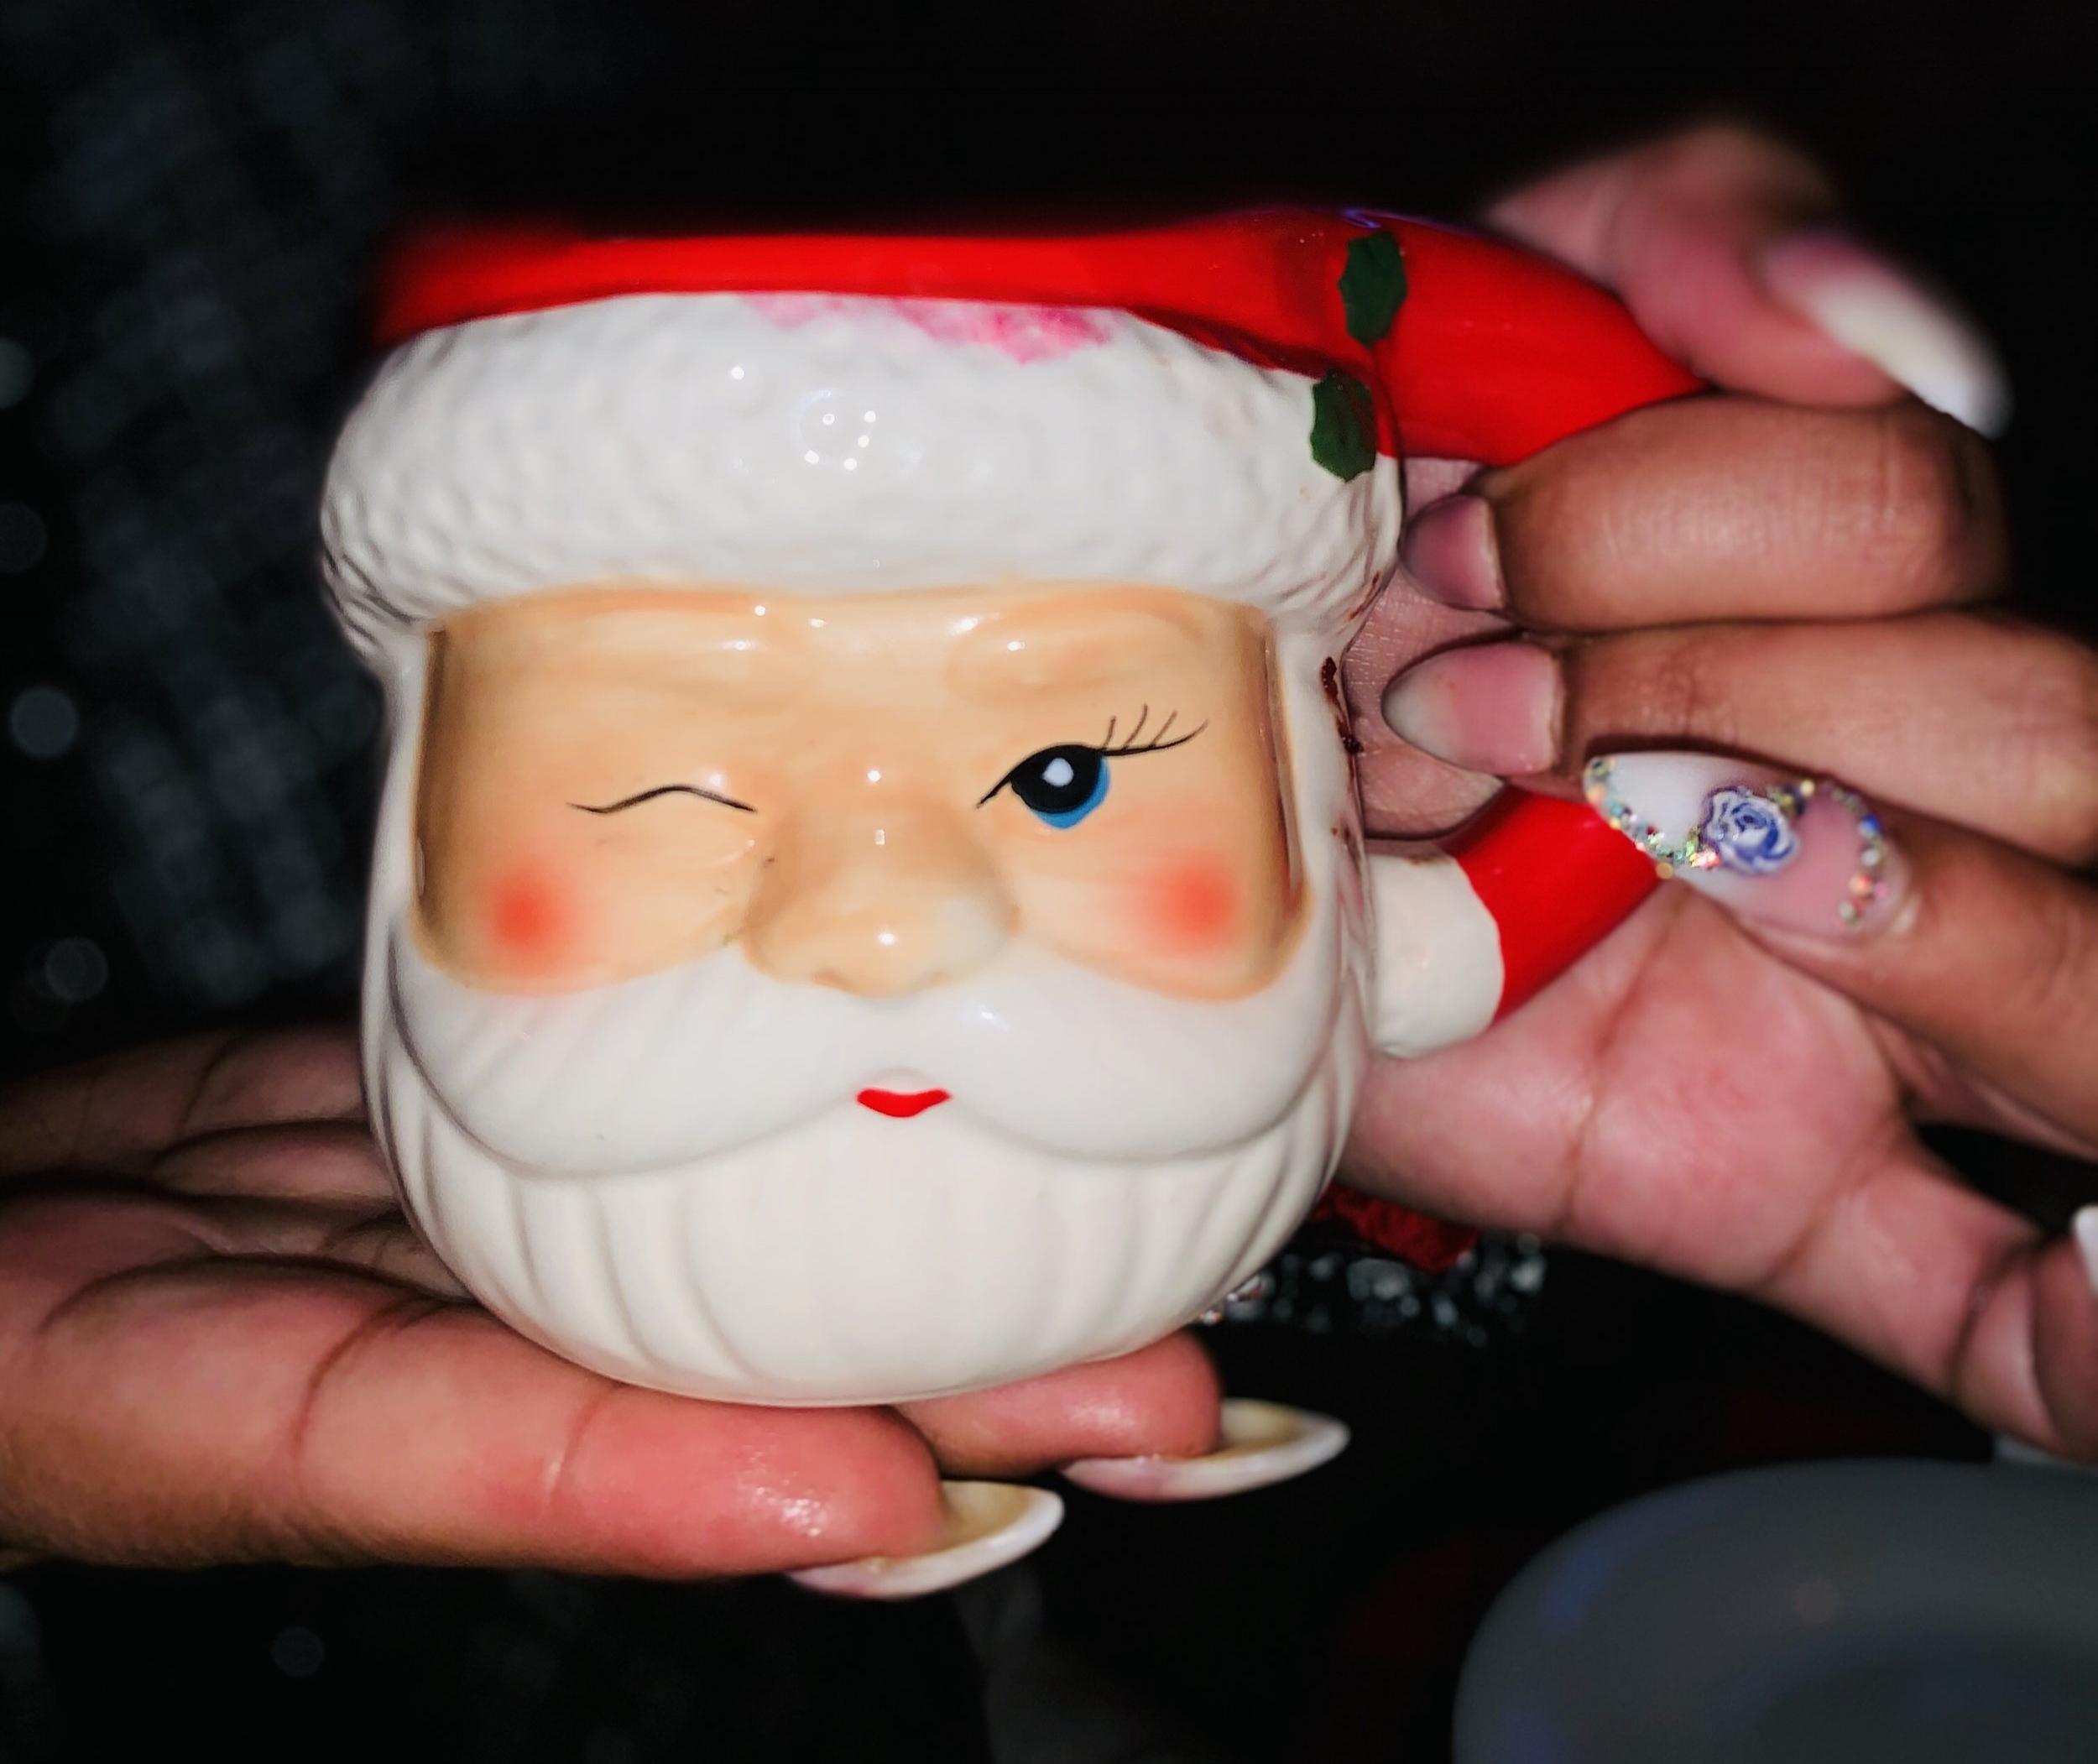 Bad Santa - Miracle on Highland Christmas Pop-up